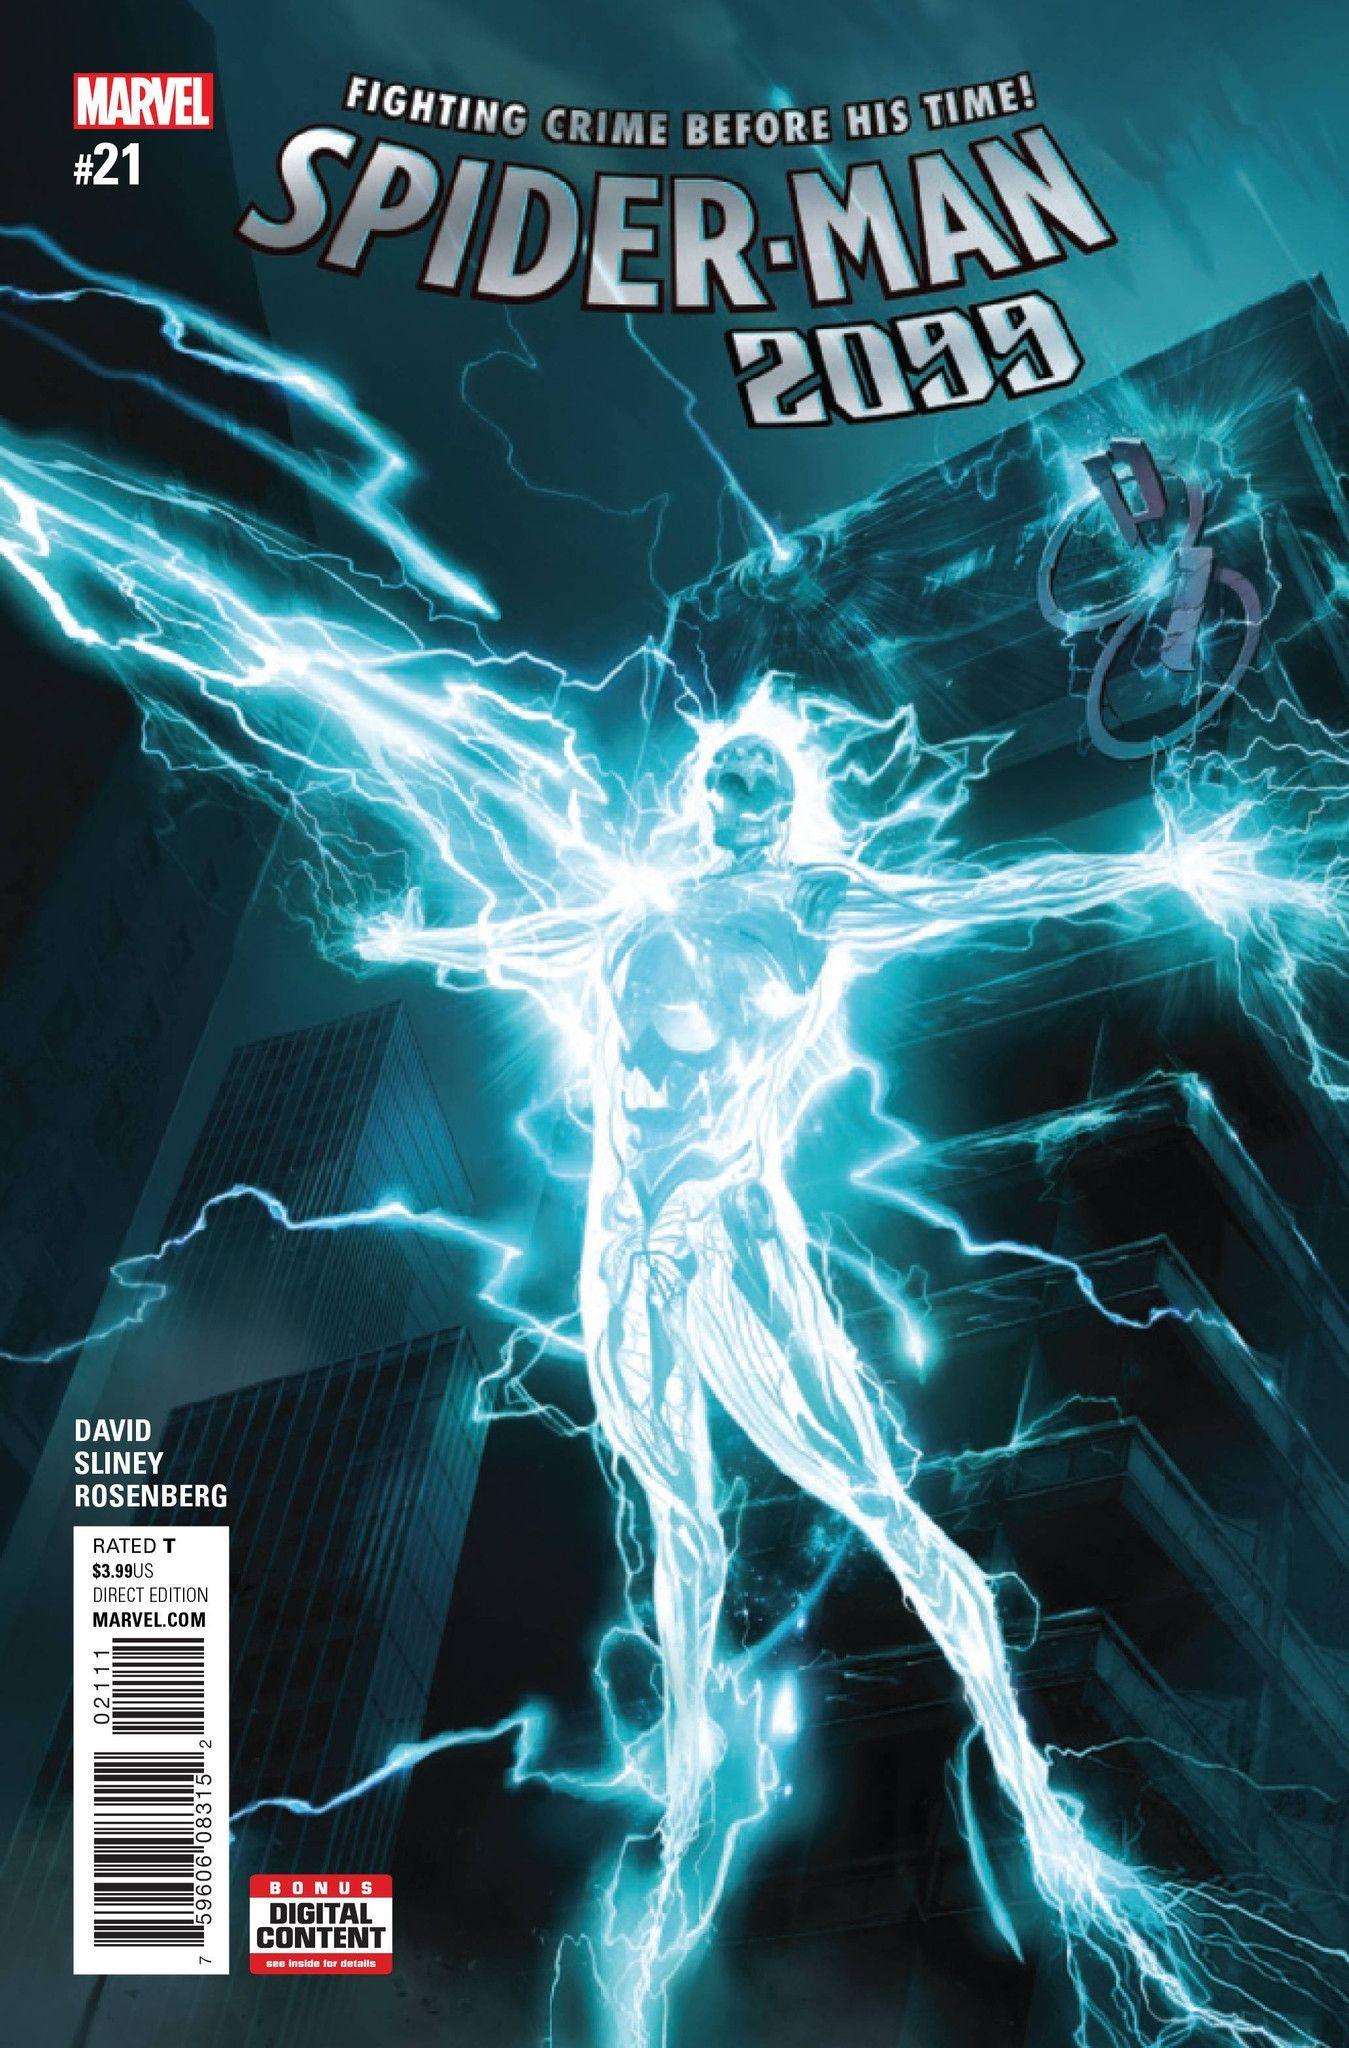 SPIDER-MAN 2099 #21